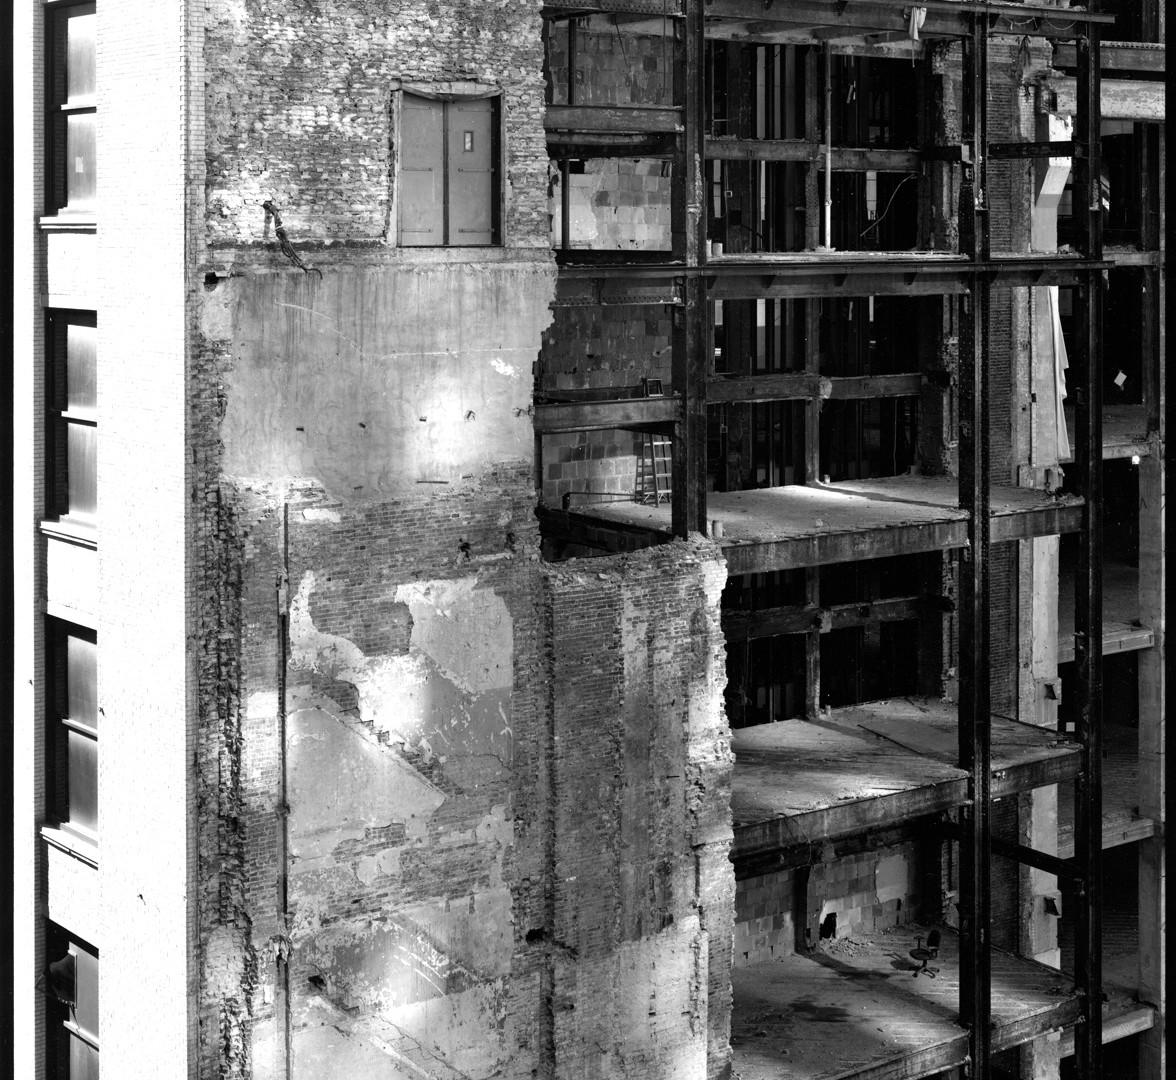 Nicholas Nixon, View of Filene's Demolition, Boston, 2008